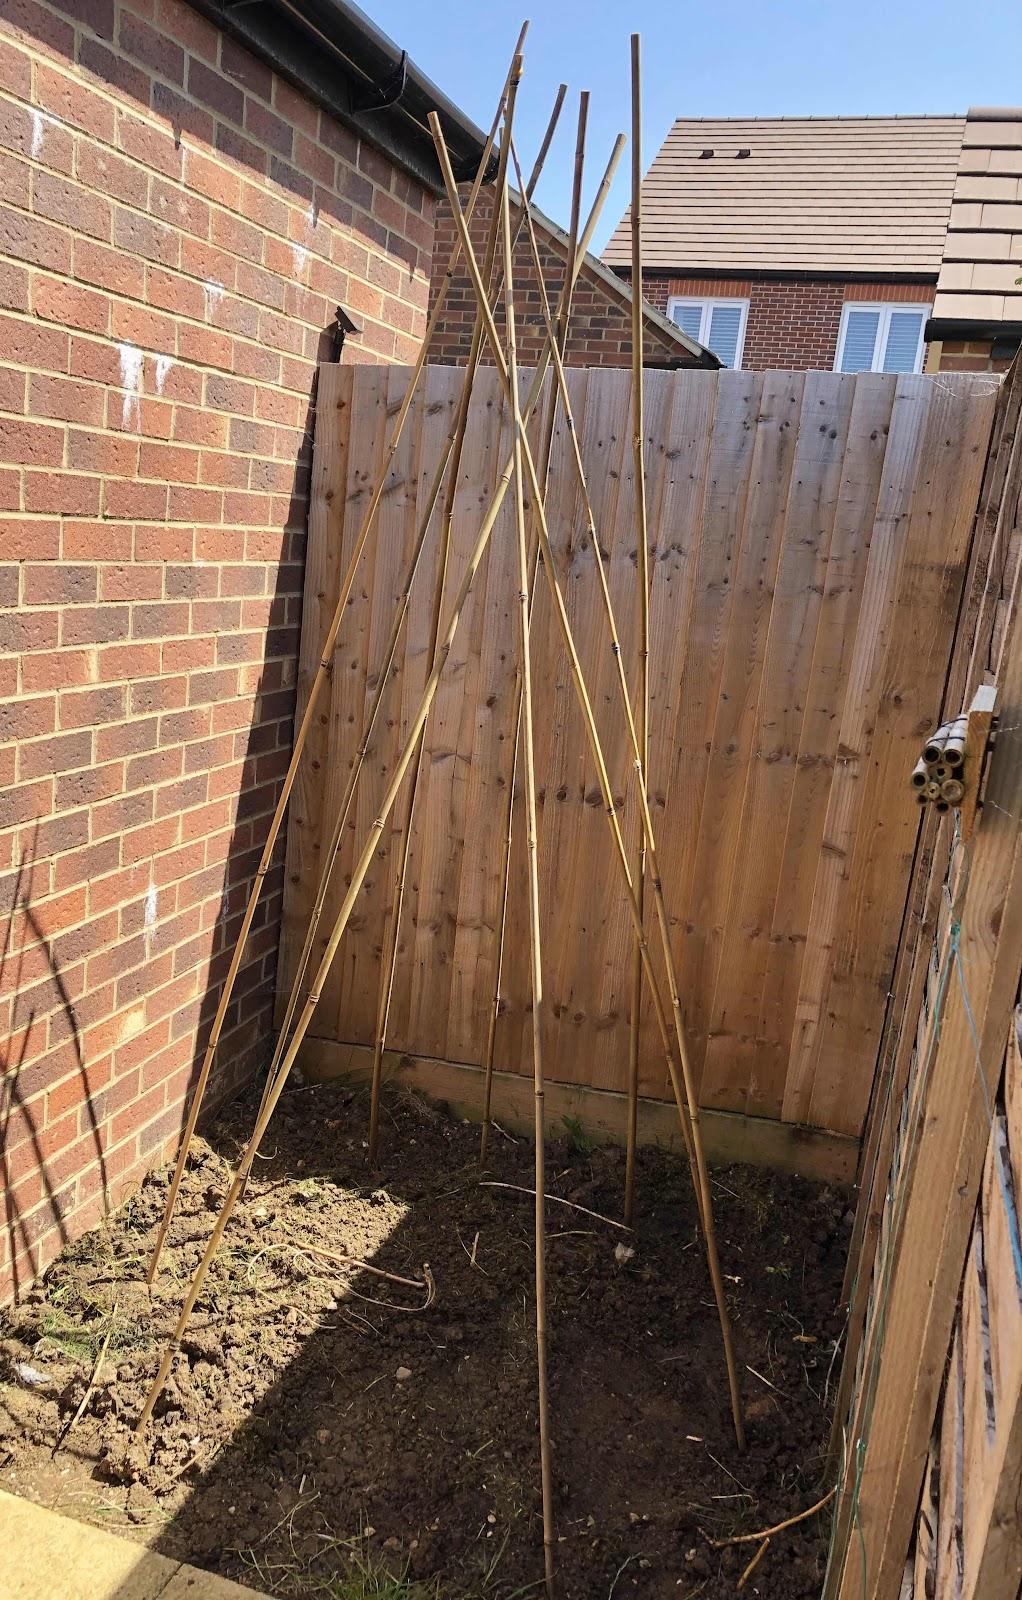 Half constructed garden teepee